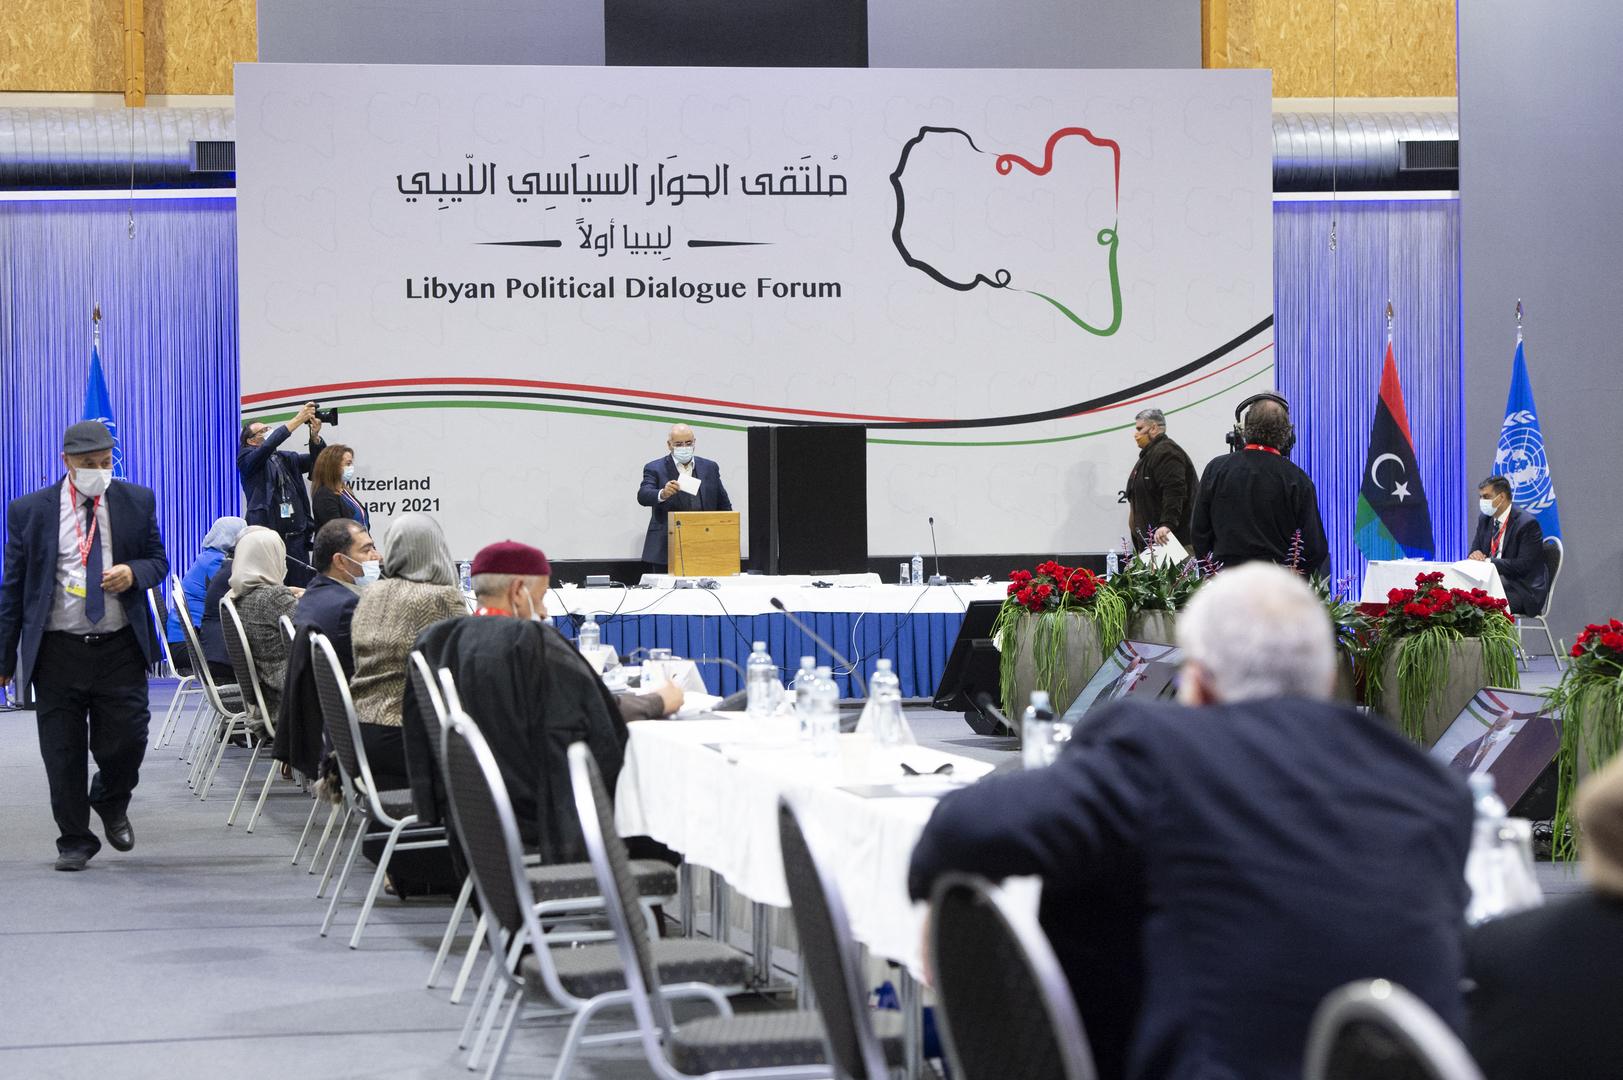 ملتقى الحوار الليبي في جنيف: خلافات بشأن